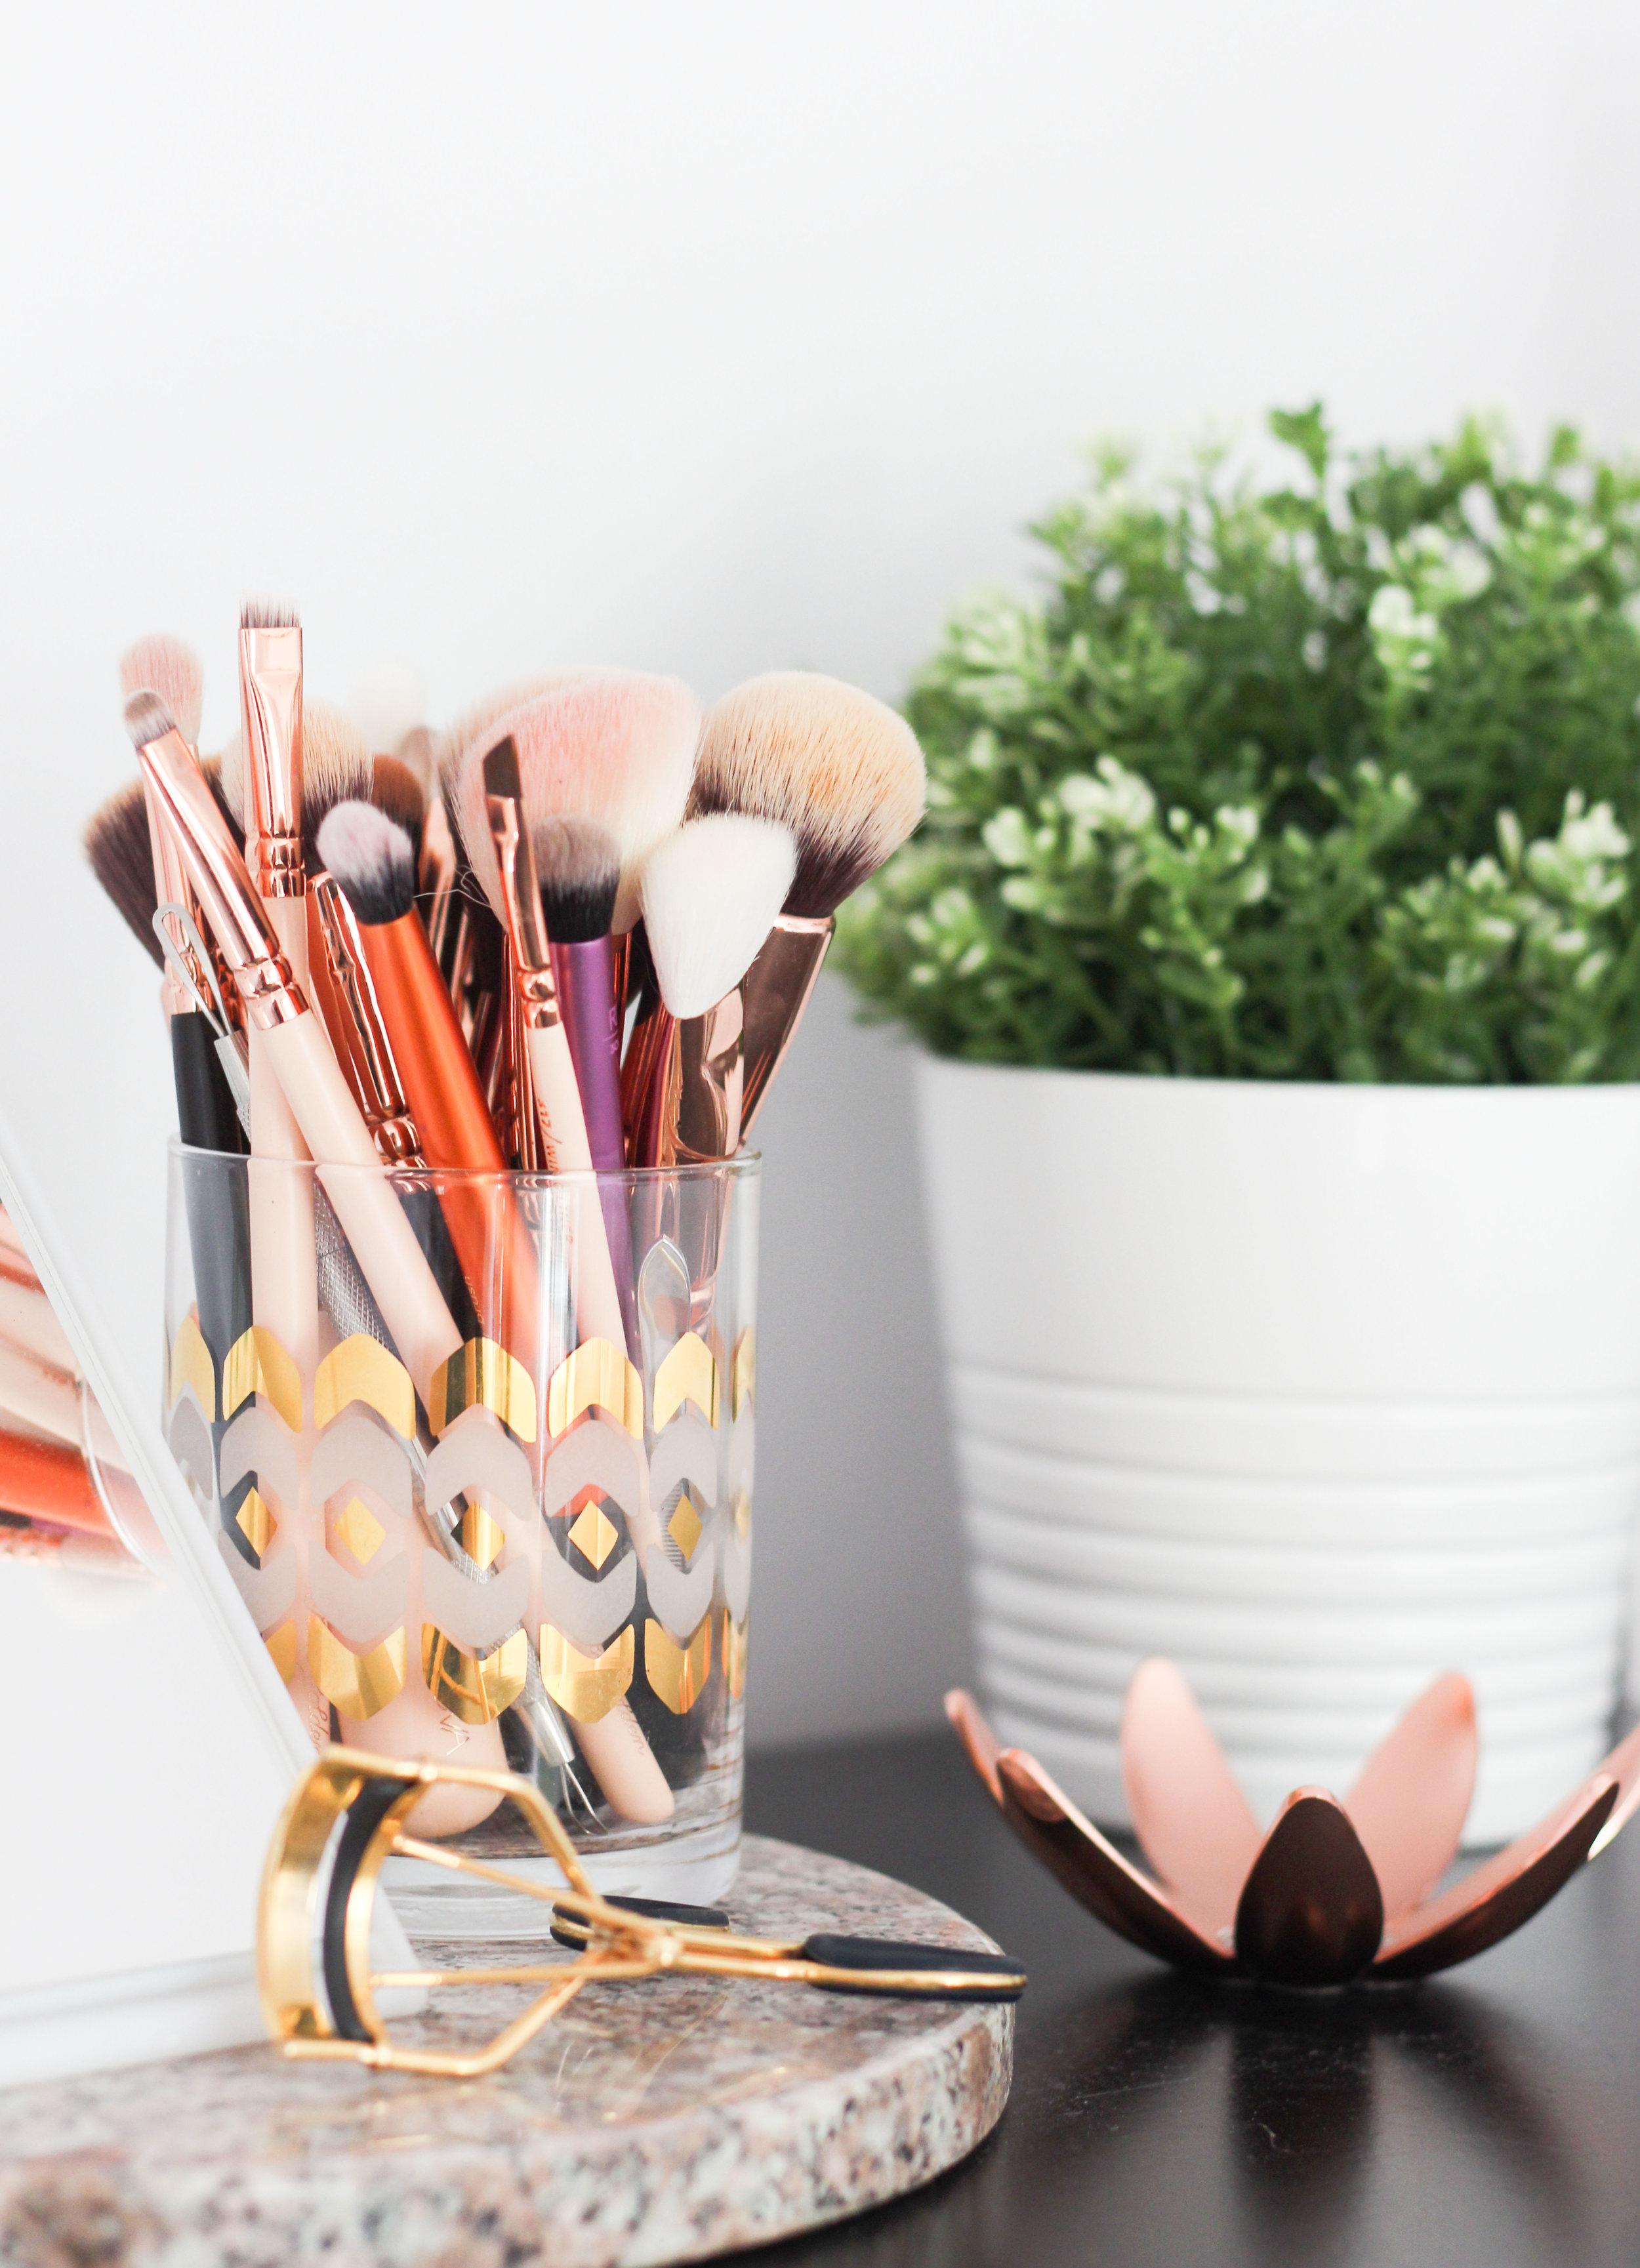 decluttering_dresser_brushes.jpg